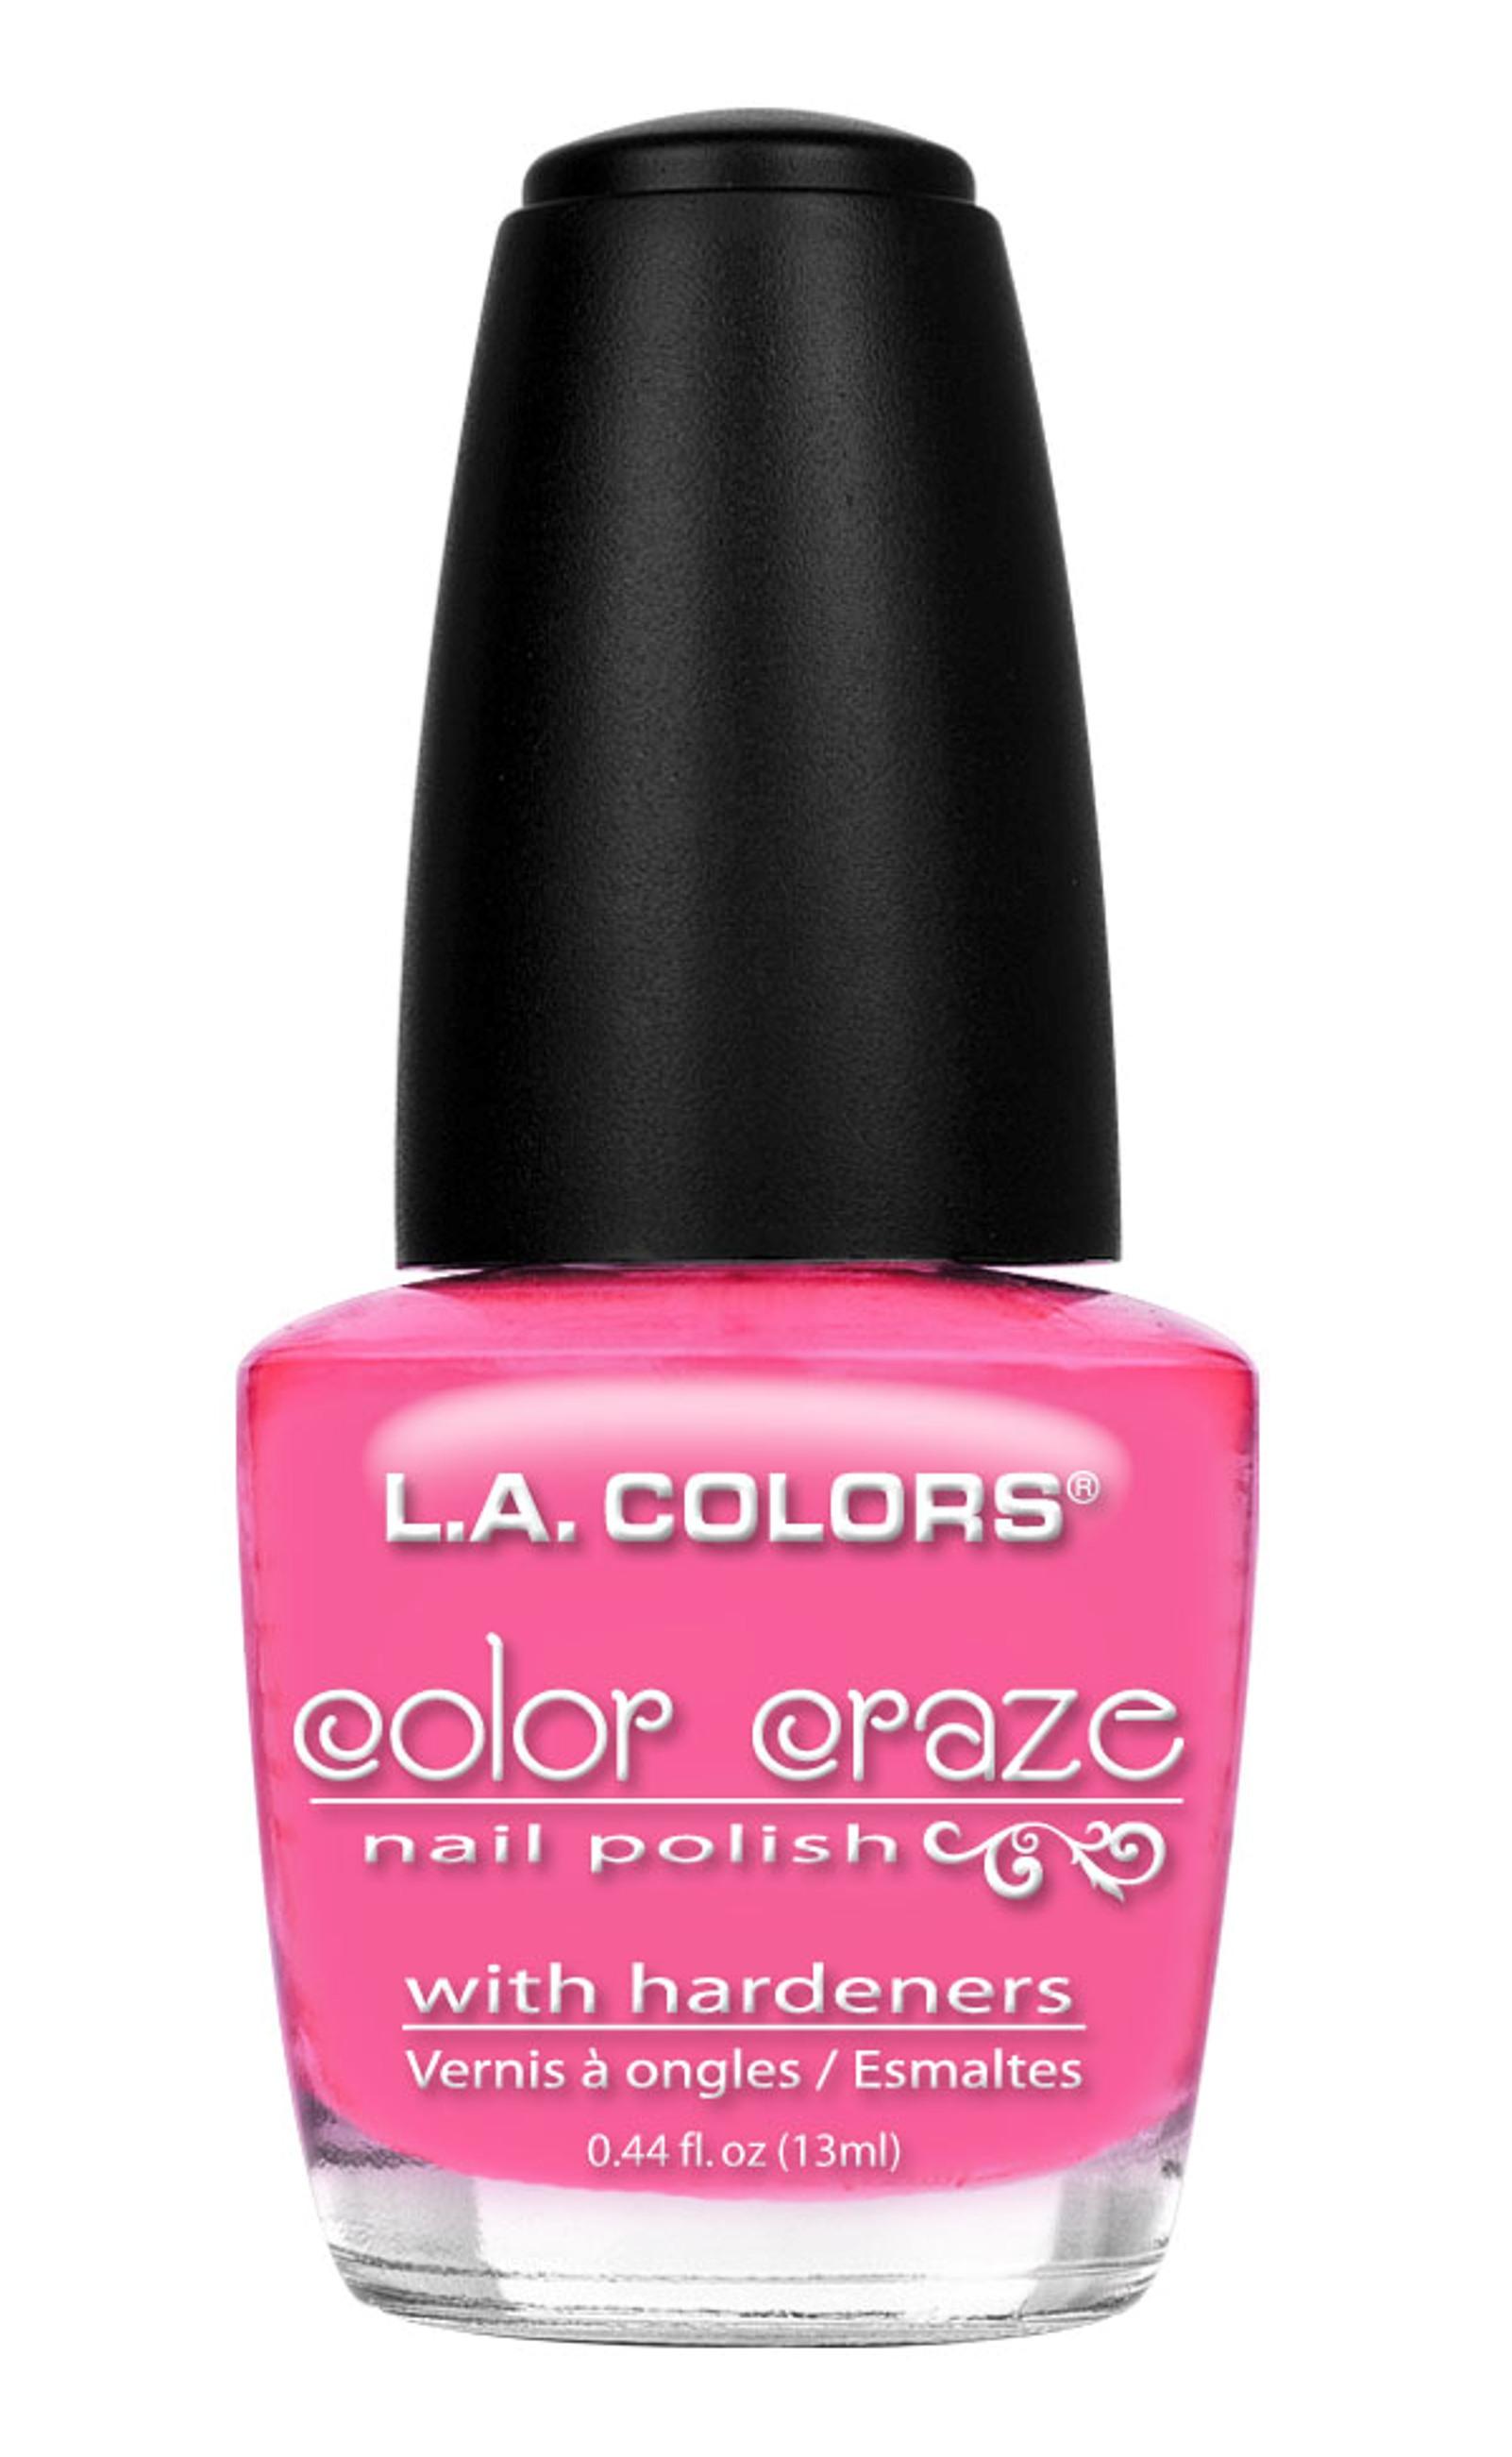 L. Colors Color Craze Nail Polish Pink Bubbles 0.44 Fl